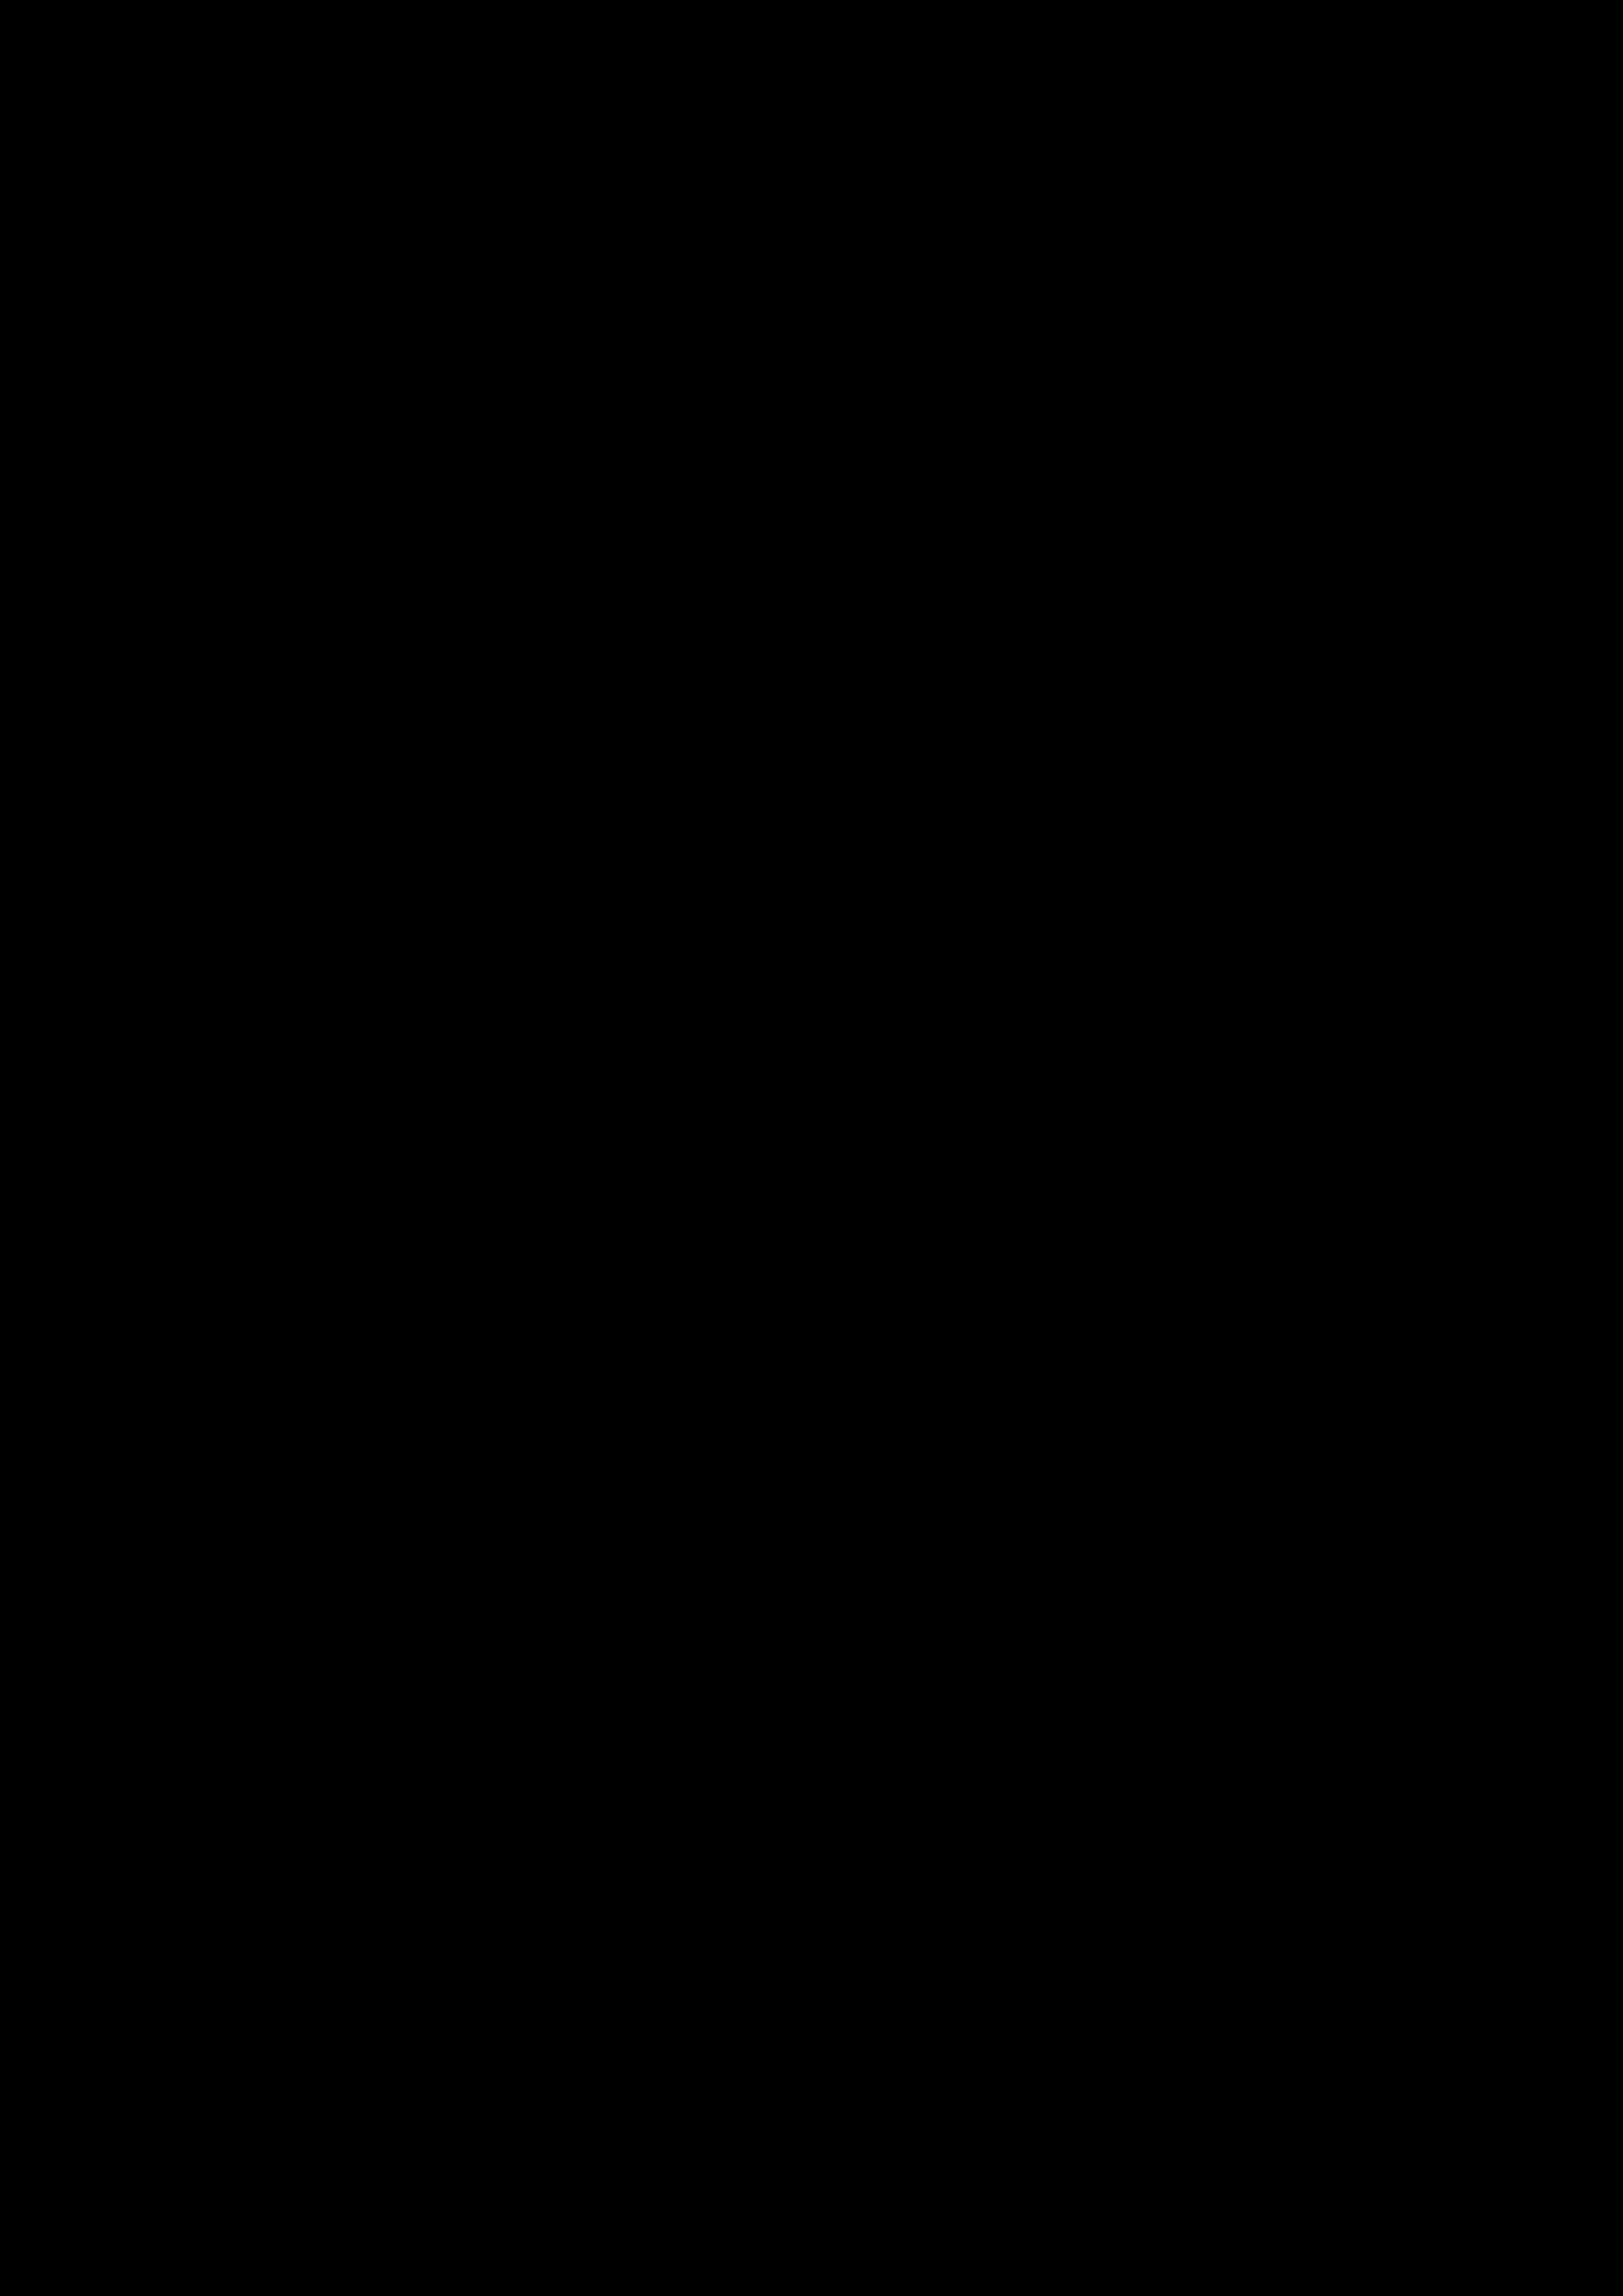 20121218004749ca7.png